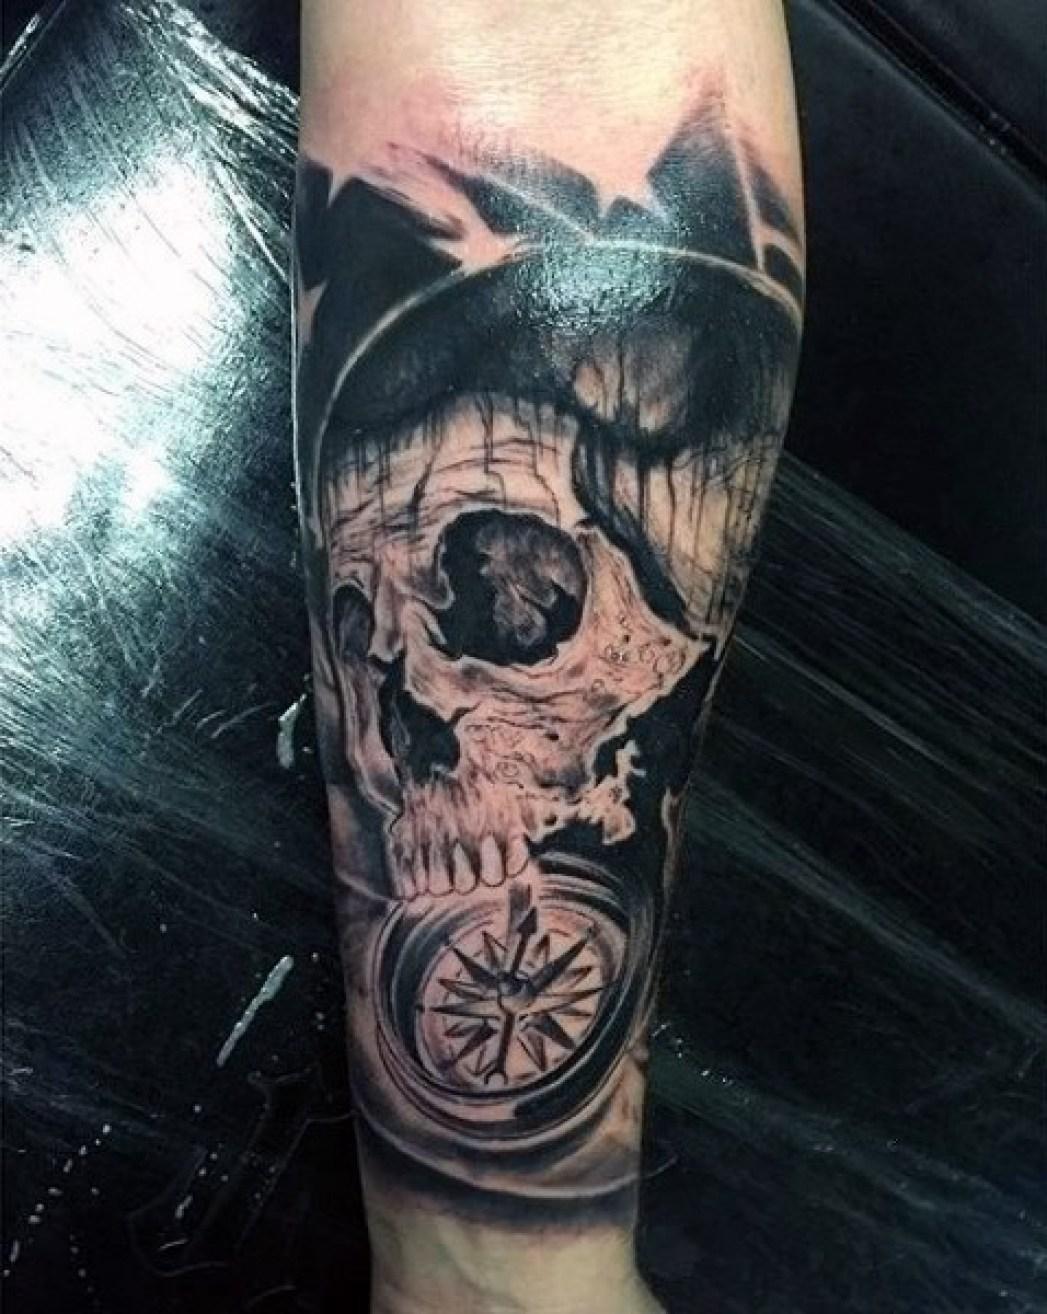 Compass & Skull Tattoo